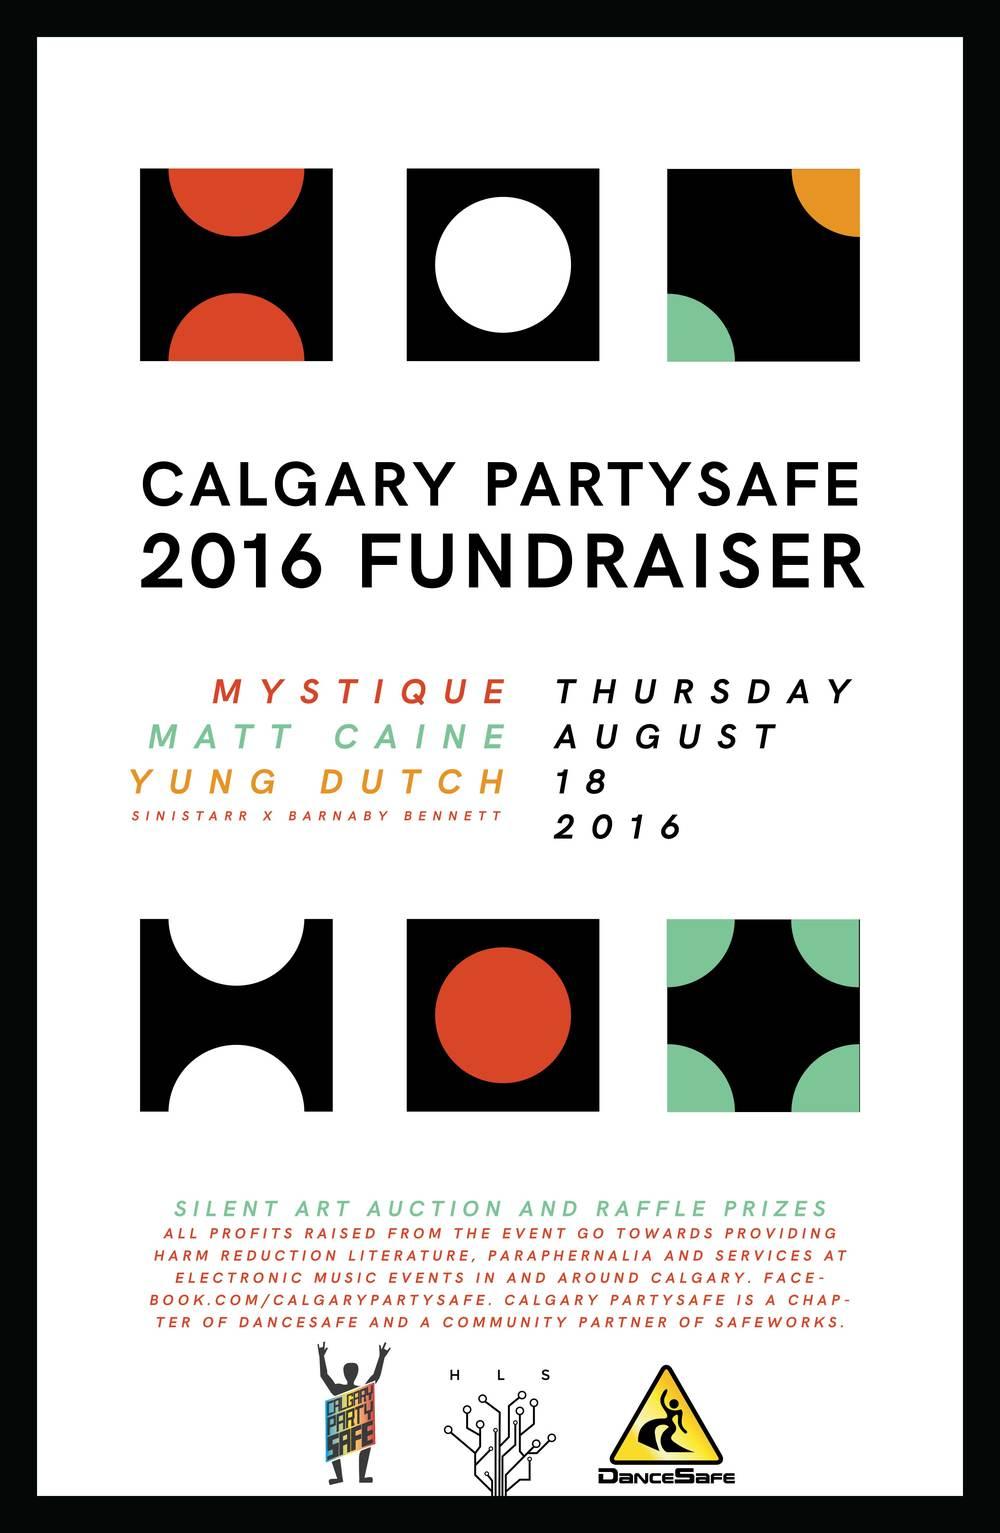 partysafe-fundraiser.jpeg